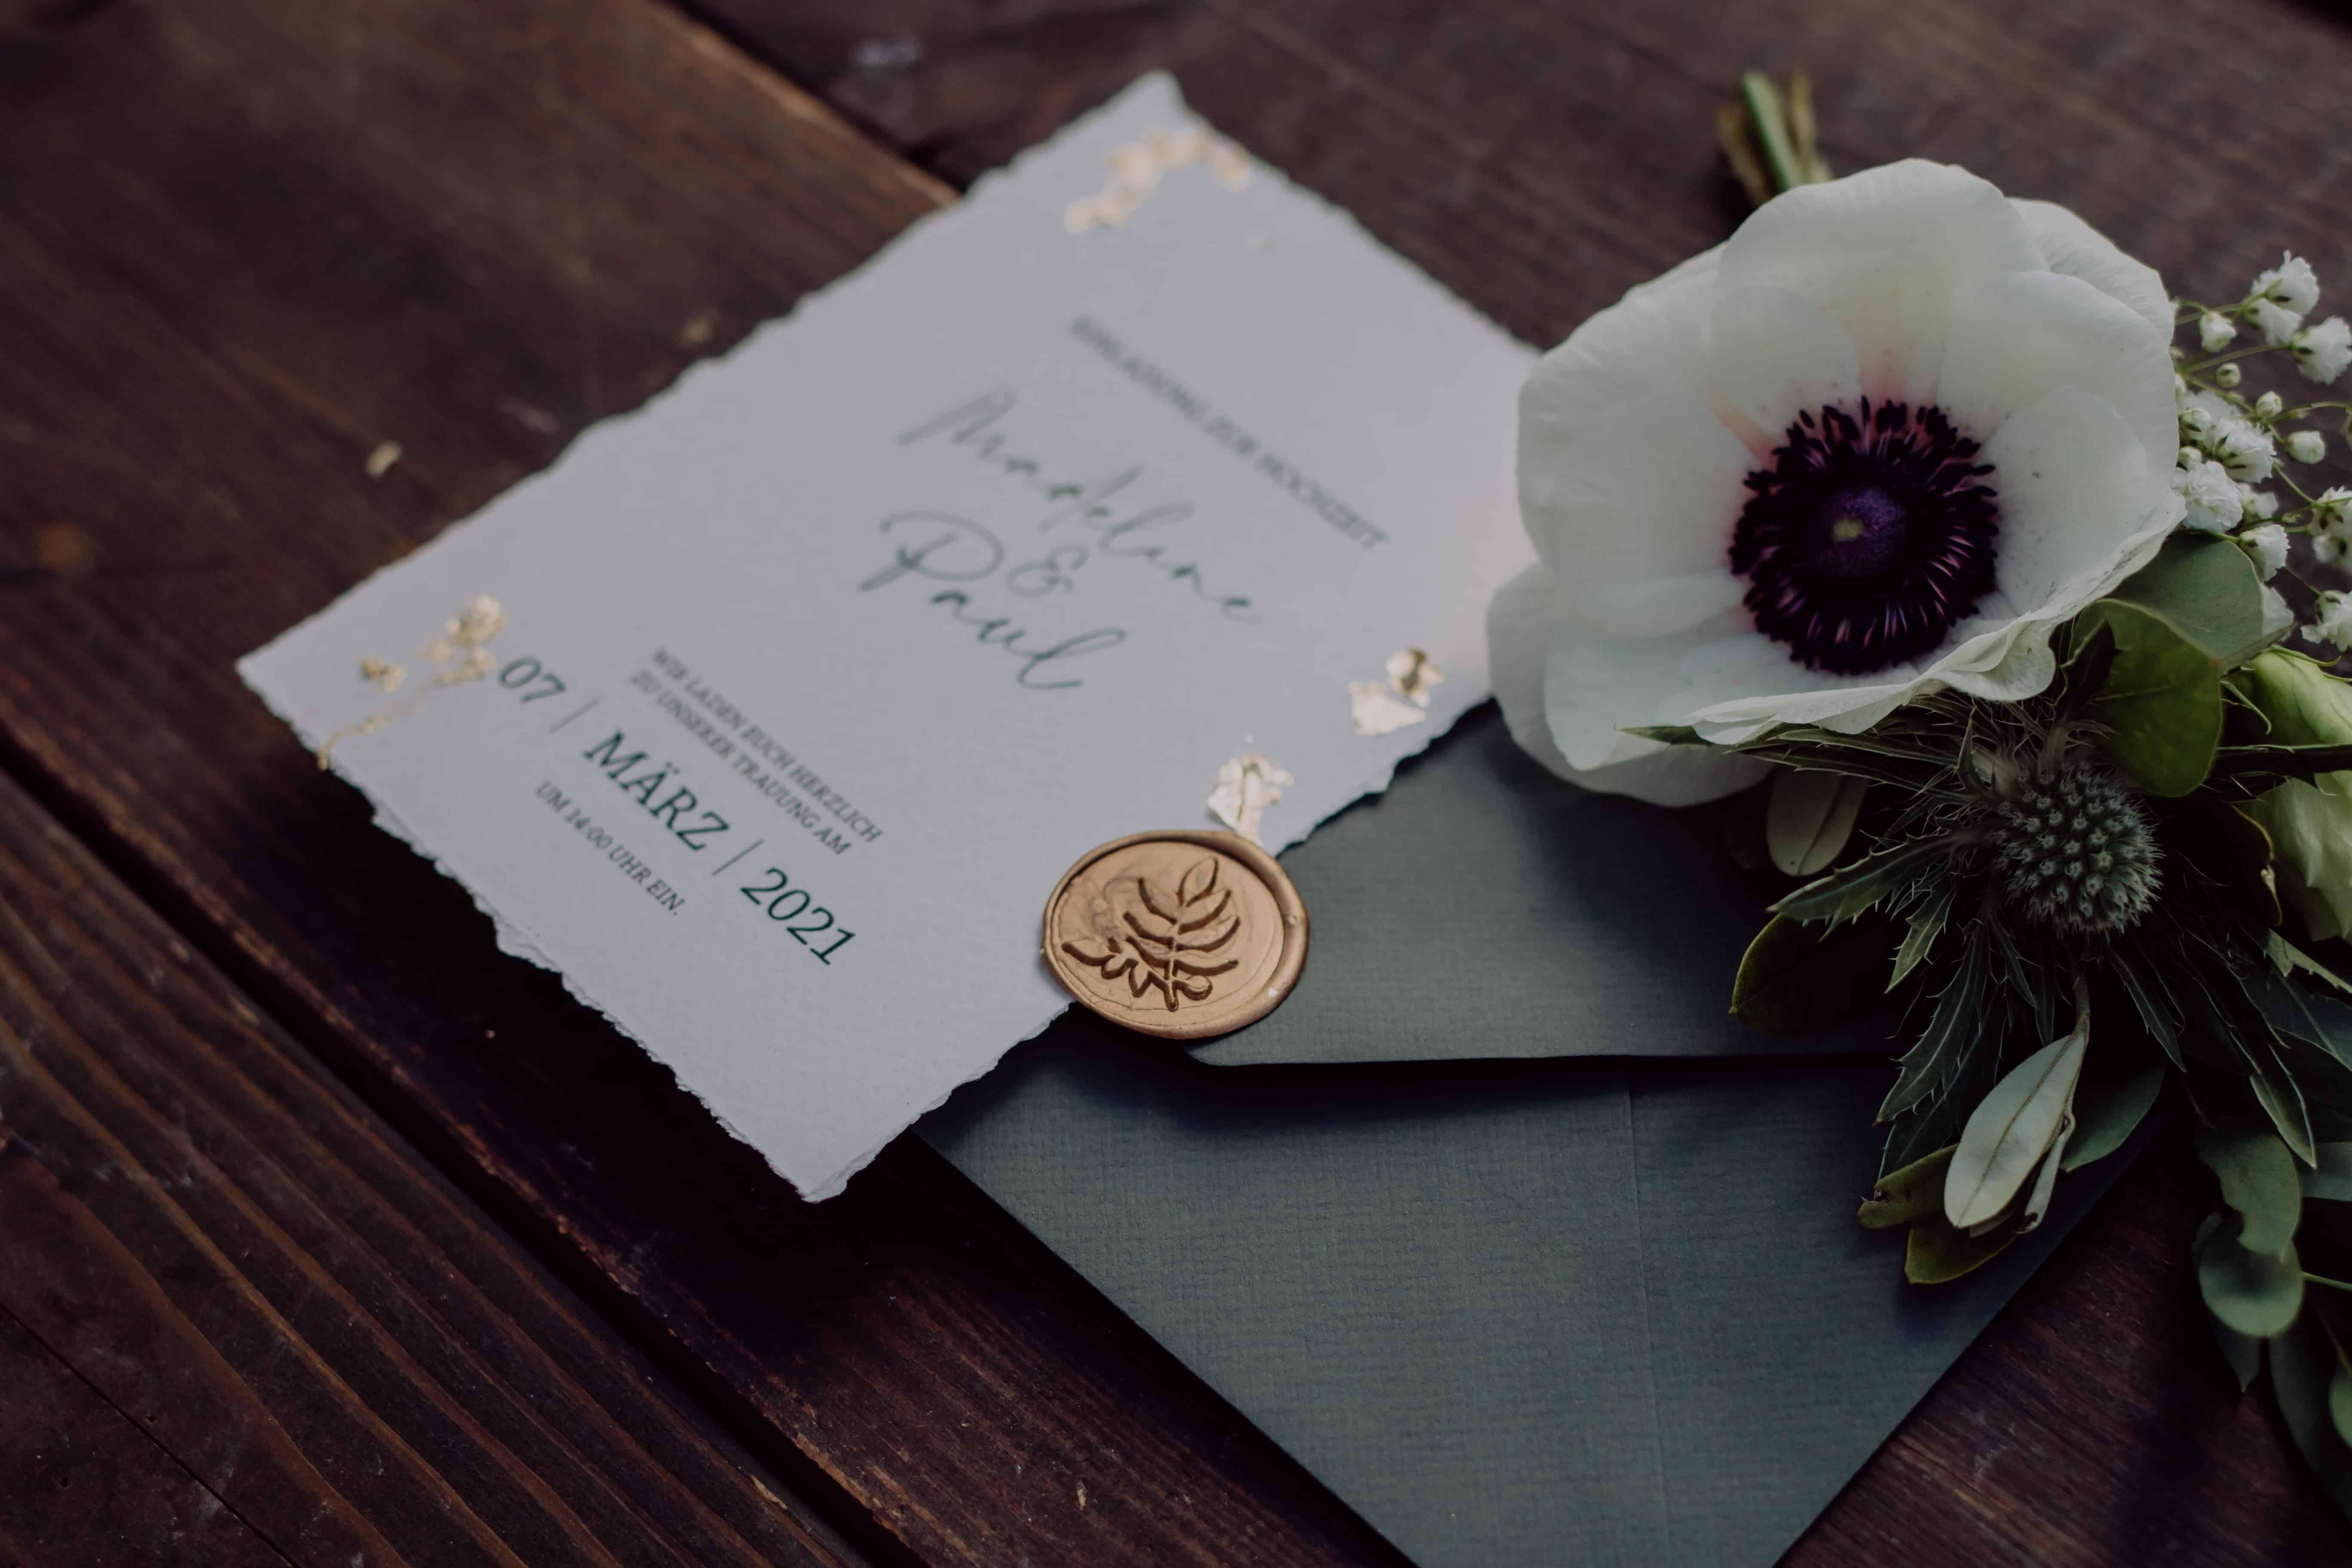 Hochzeitsfloristik und Papeterie Einladungskarte Papterie mit Anstecker für Bräutigam mit Anemone für Grüne Hochzeit mit Blumen aus Pfaffenhofen